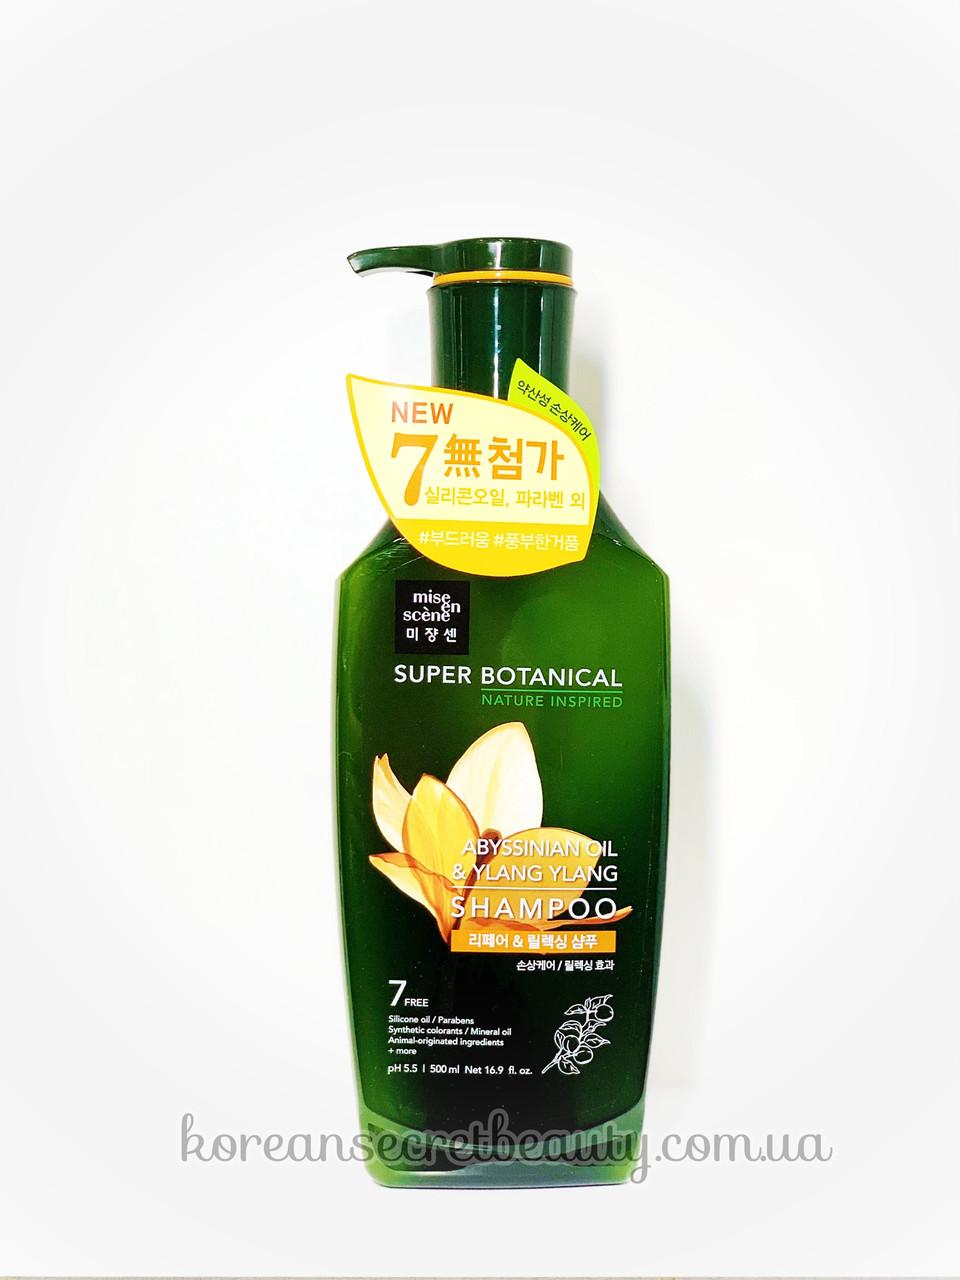 Багатофункціональний шампунь для волосся Mise en Scene Super Botanical Abyssinian Oil & Ylang Ylang shampoo